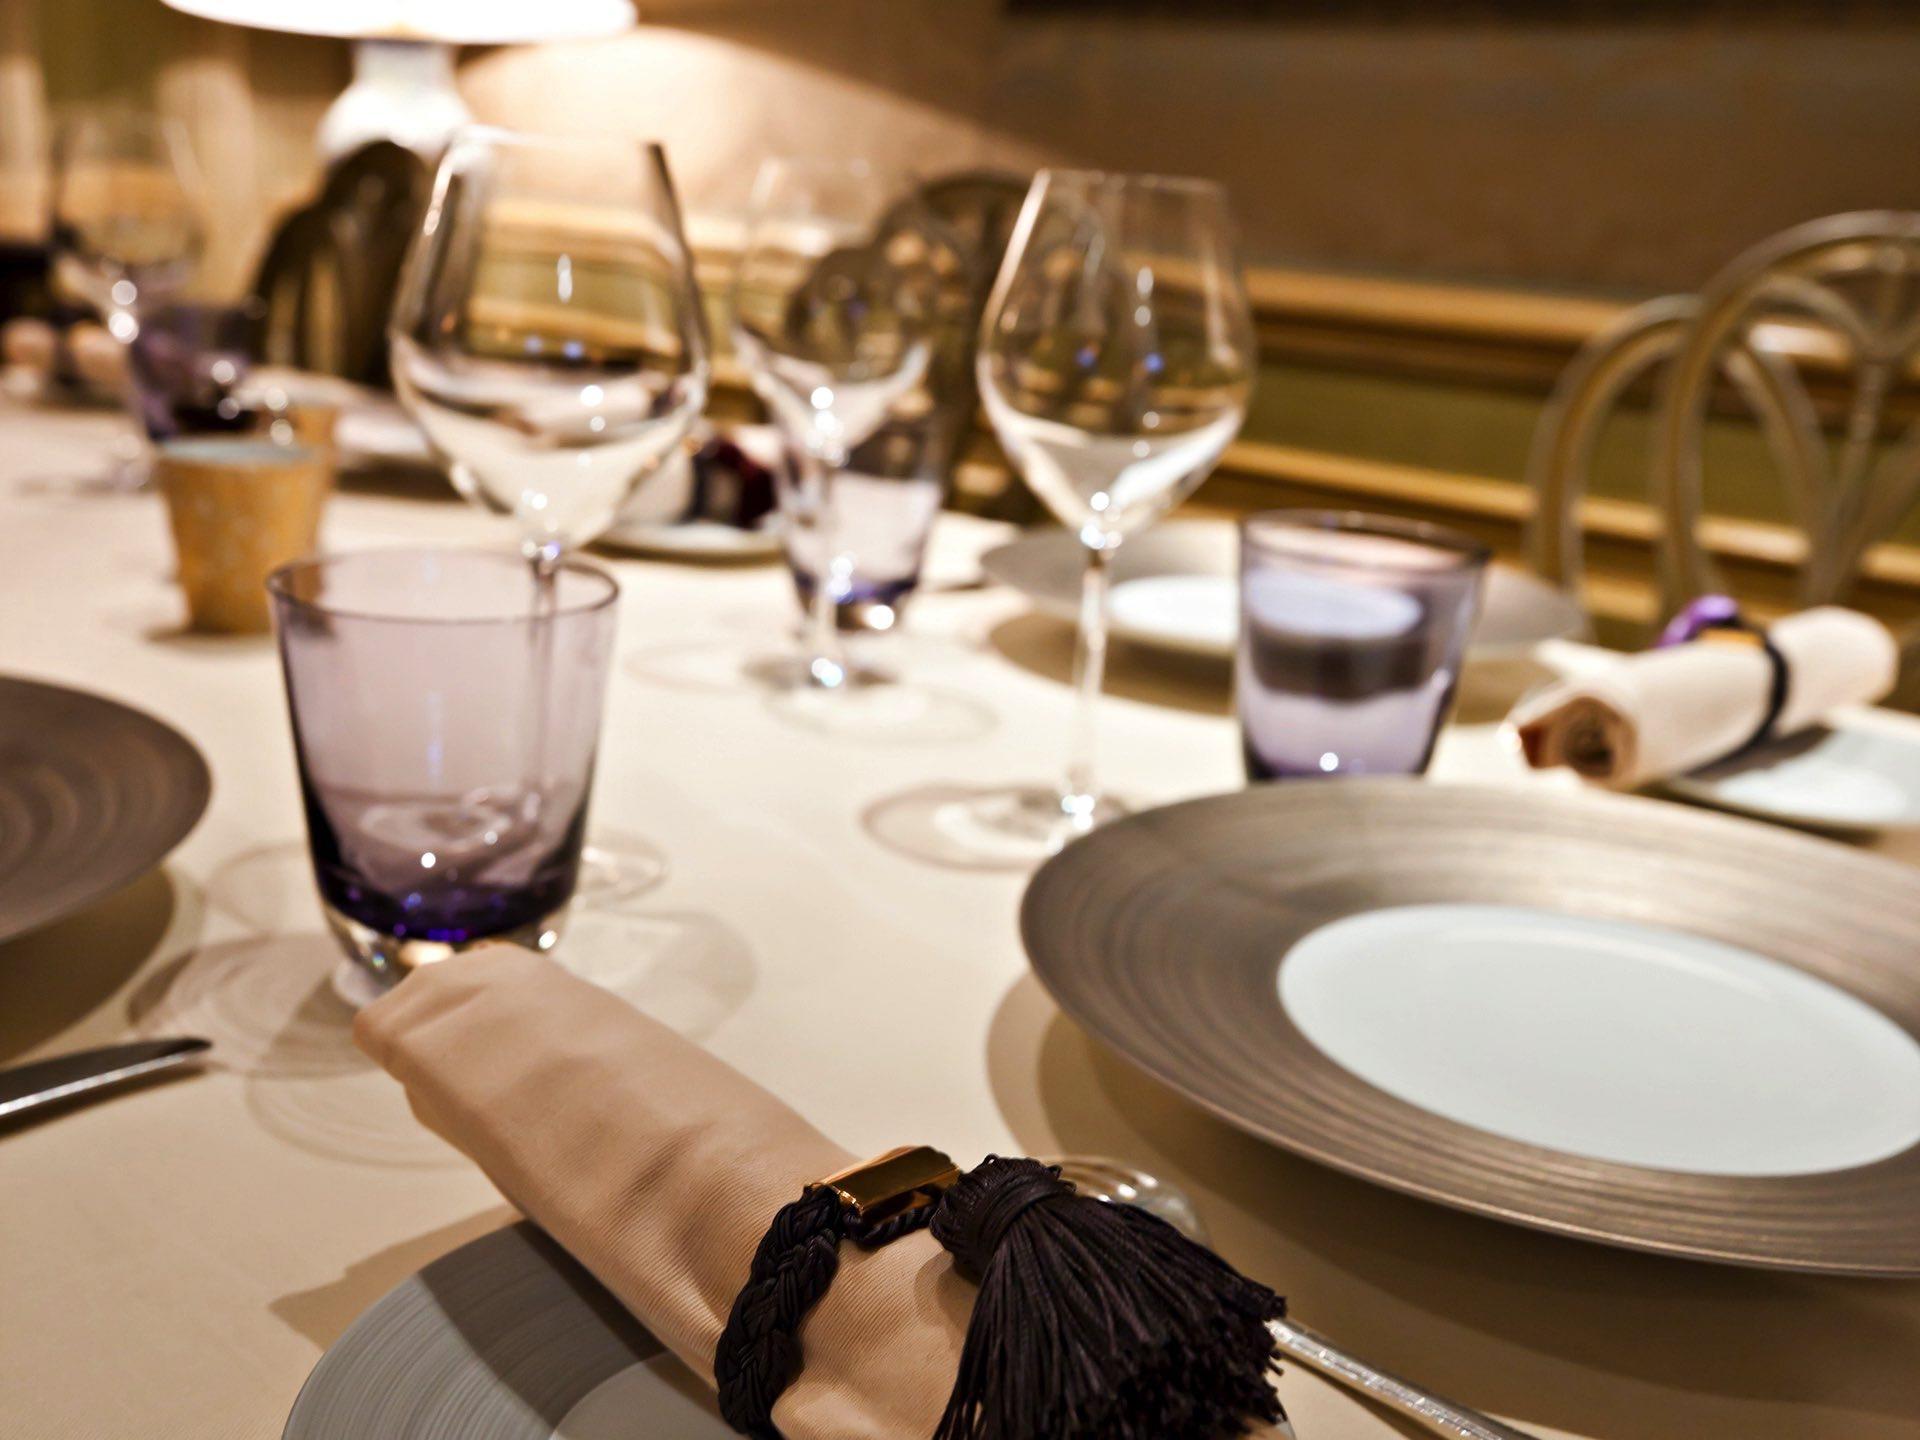 Restaurant Le Celadon tableware at Hôtel Westminster